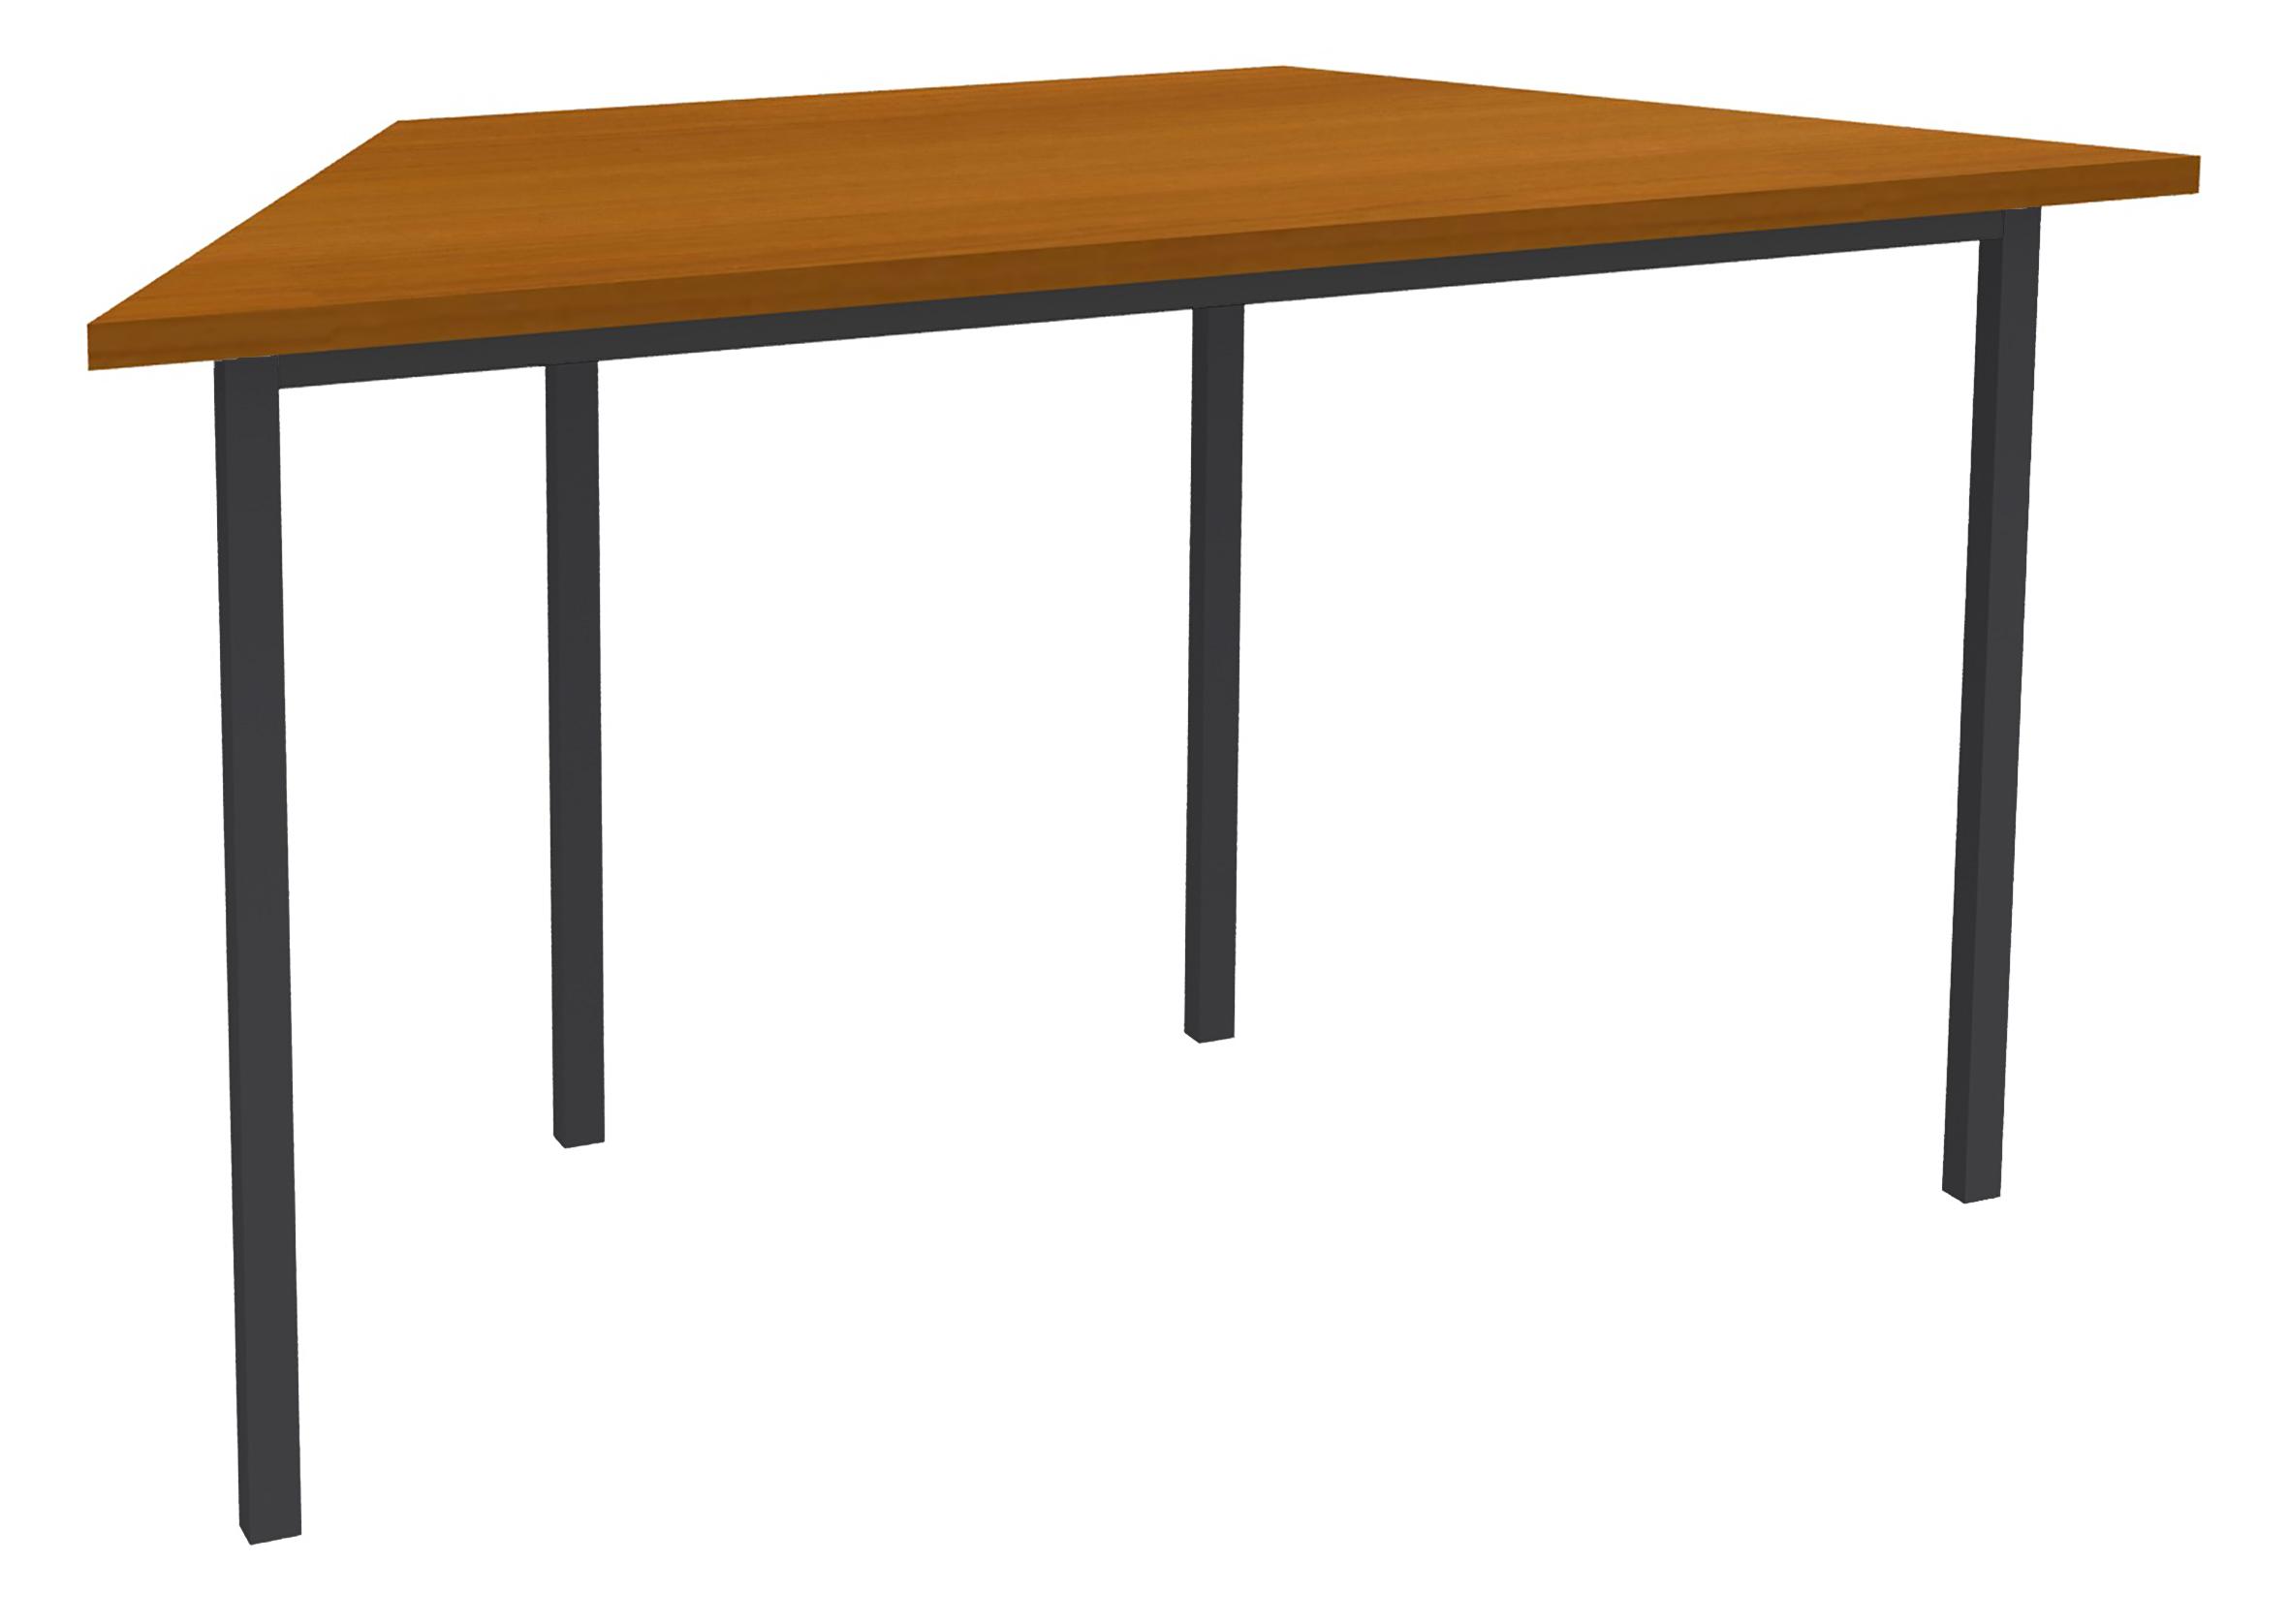 Table de réunion Trapèze - 120 x 60 cm - Pieds anthracite - imitation Merisier